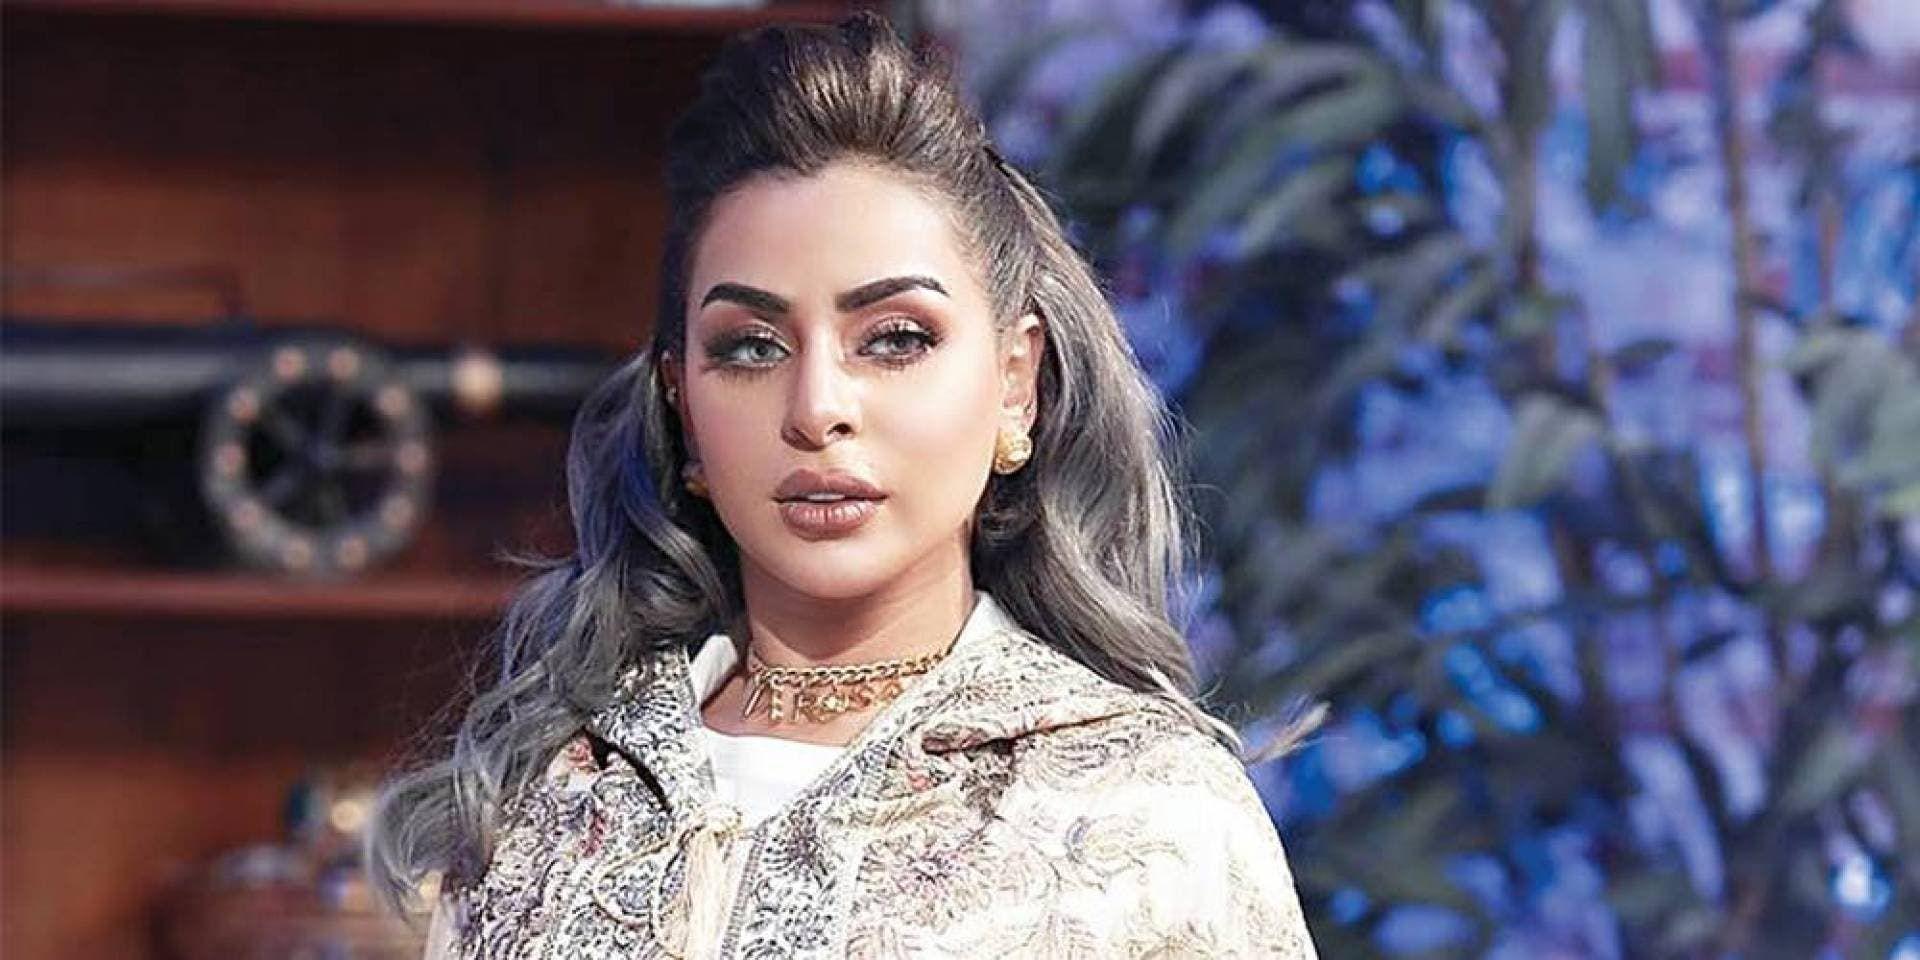 هند البلوشي تثير التساؤل بعد ظهورها بشكل جديد هل خضعت لعمليات التجميل In 2021 Fashion Brooch